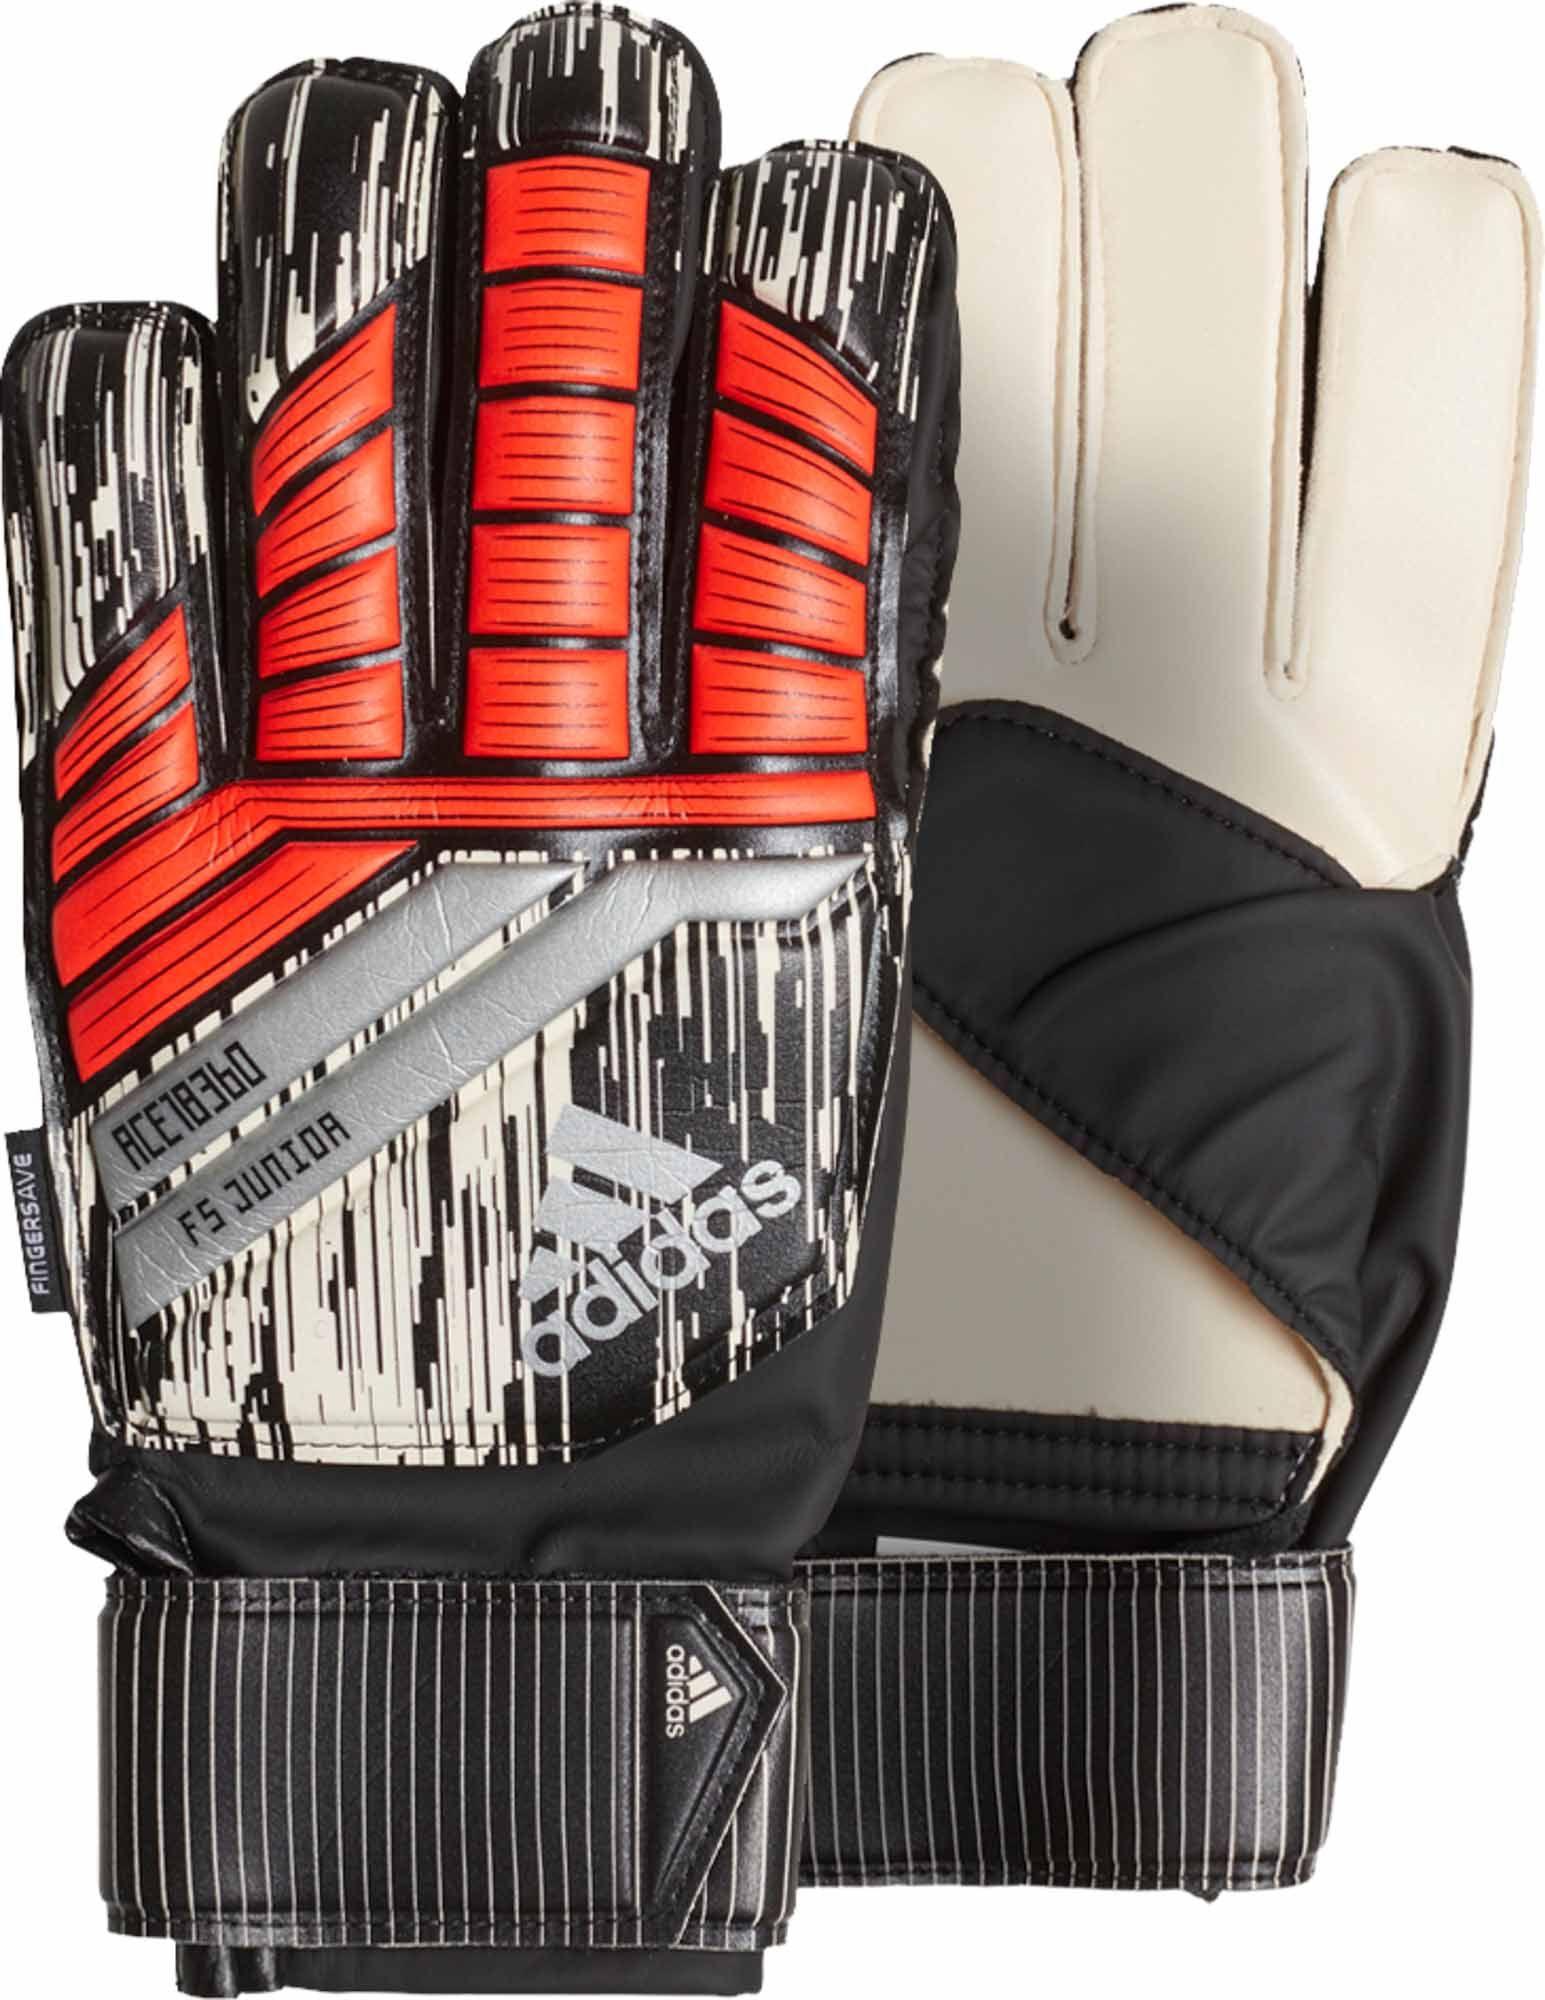 Youth adidas Predator Fingersave Goalie Gloves. Buy it from  www.soccerpro.com 6e63baa834